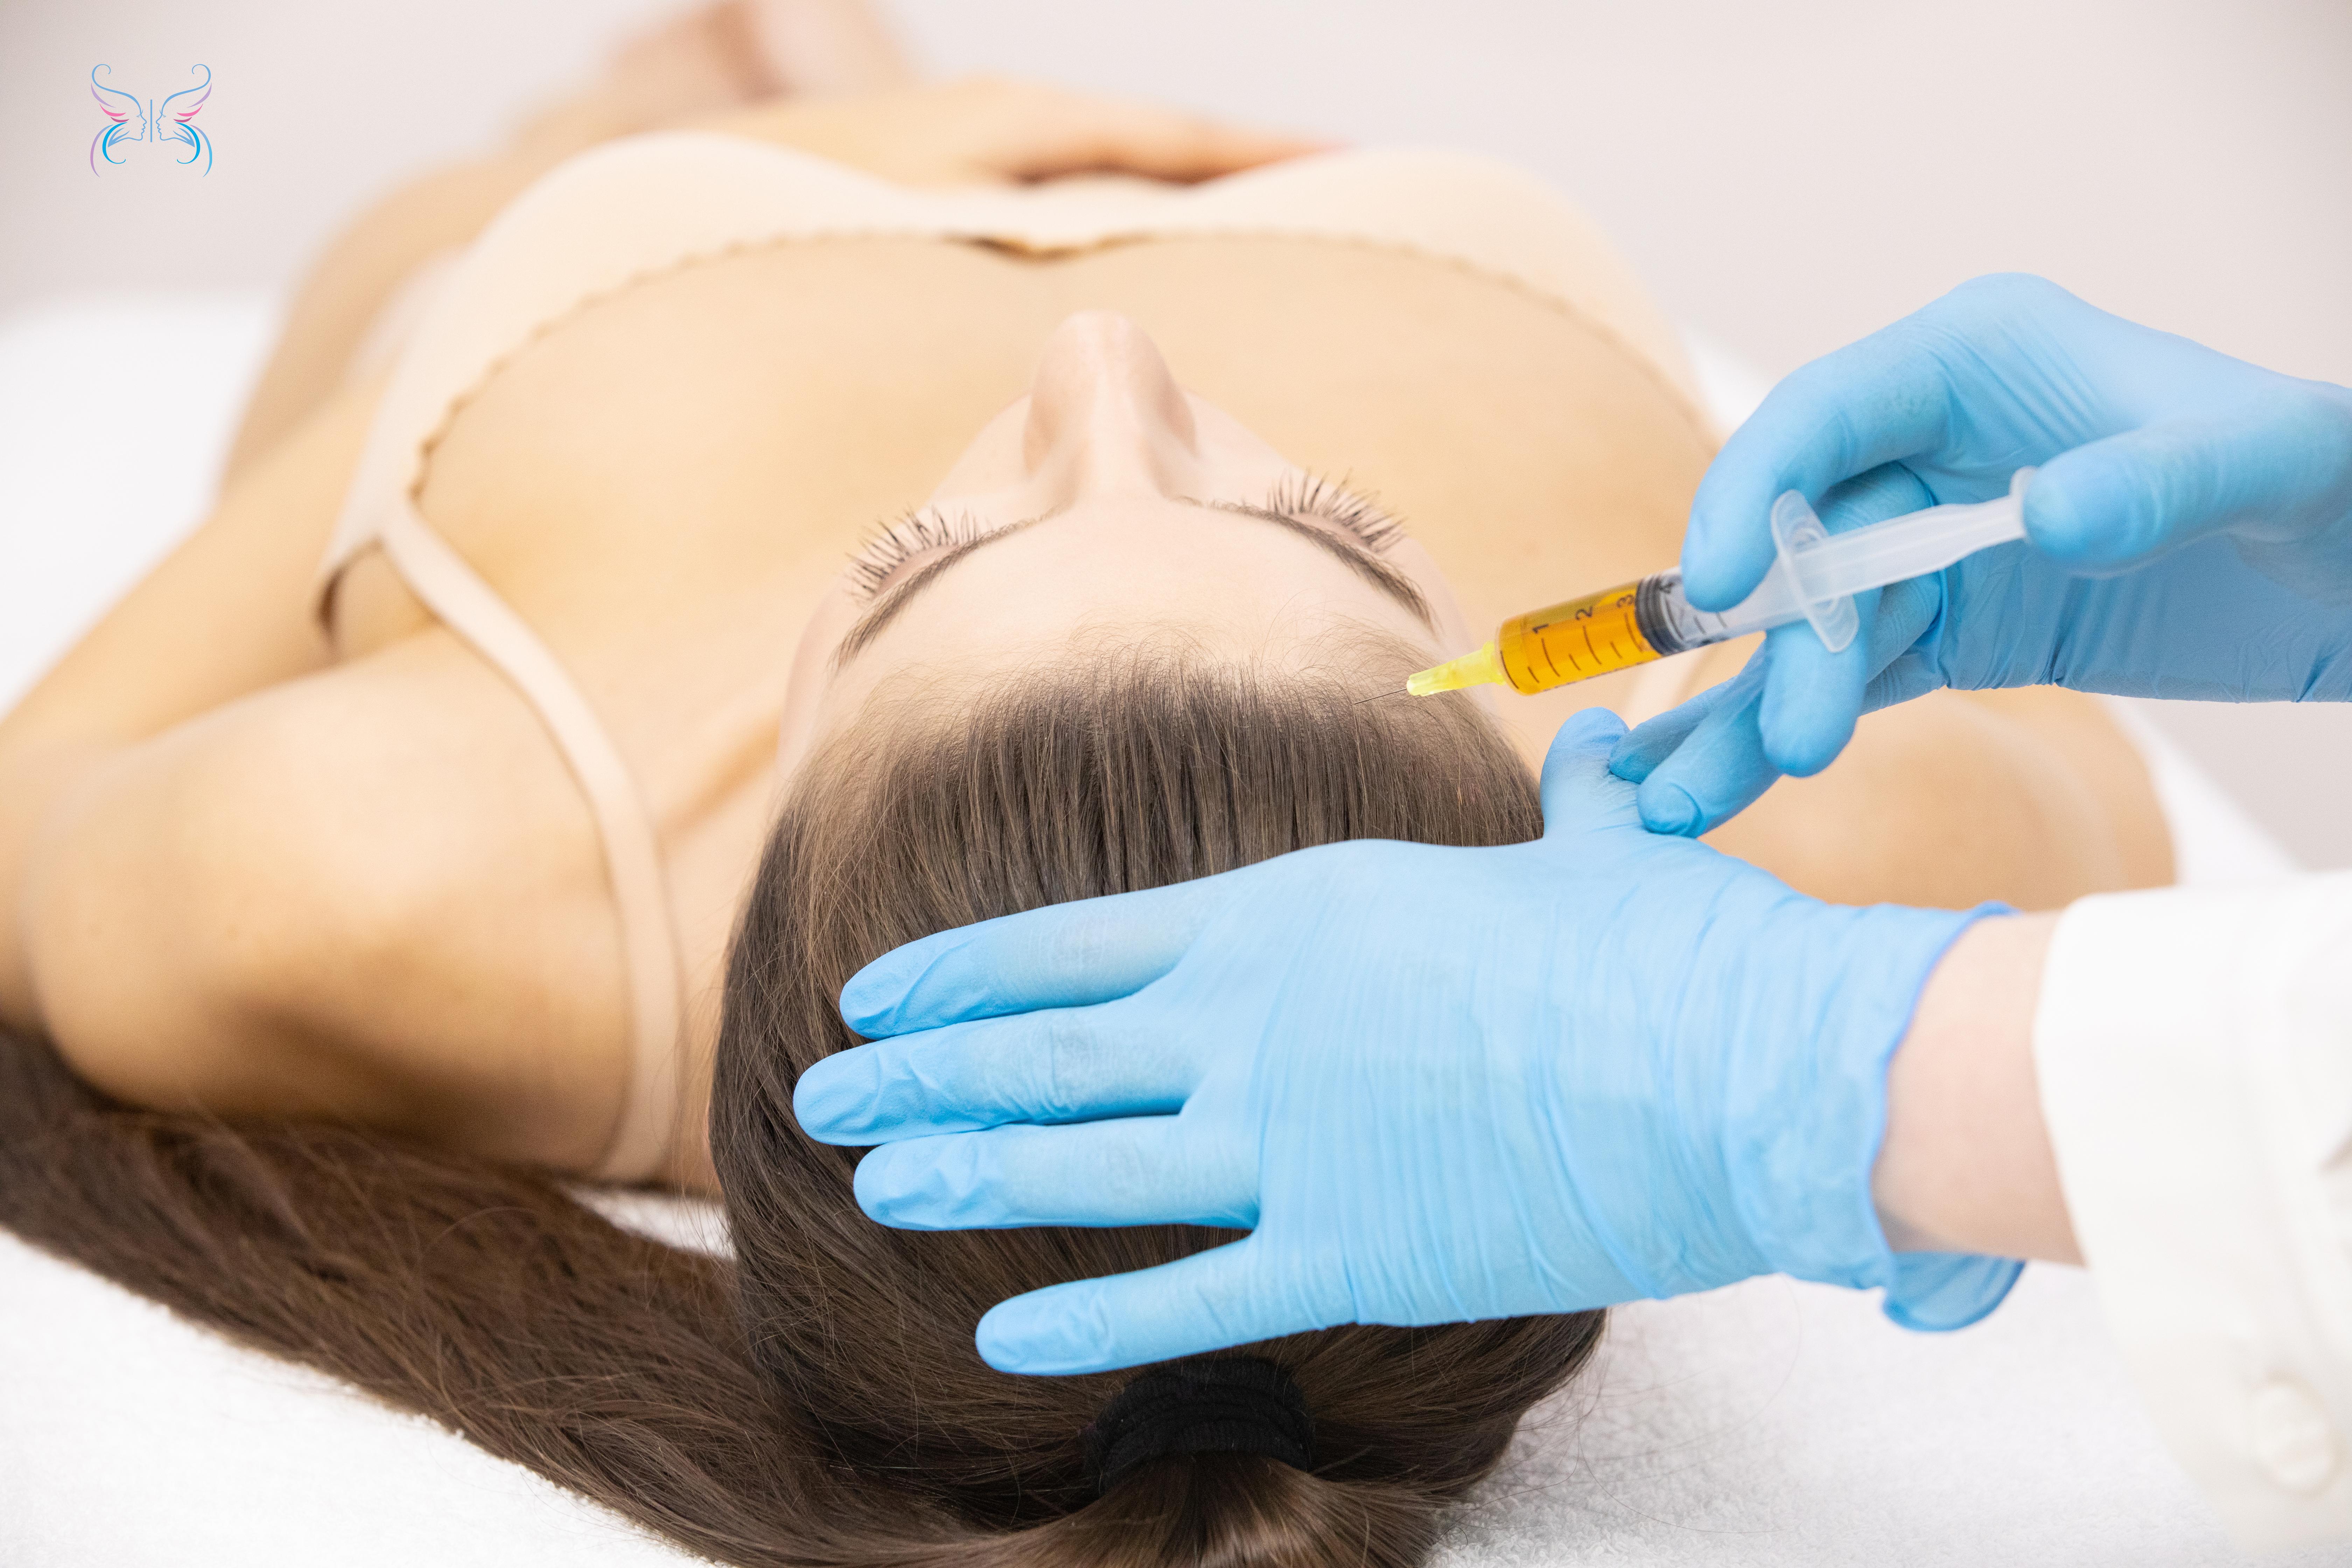 Плазма применяется при борьбе с выпадением волос на голове